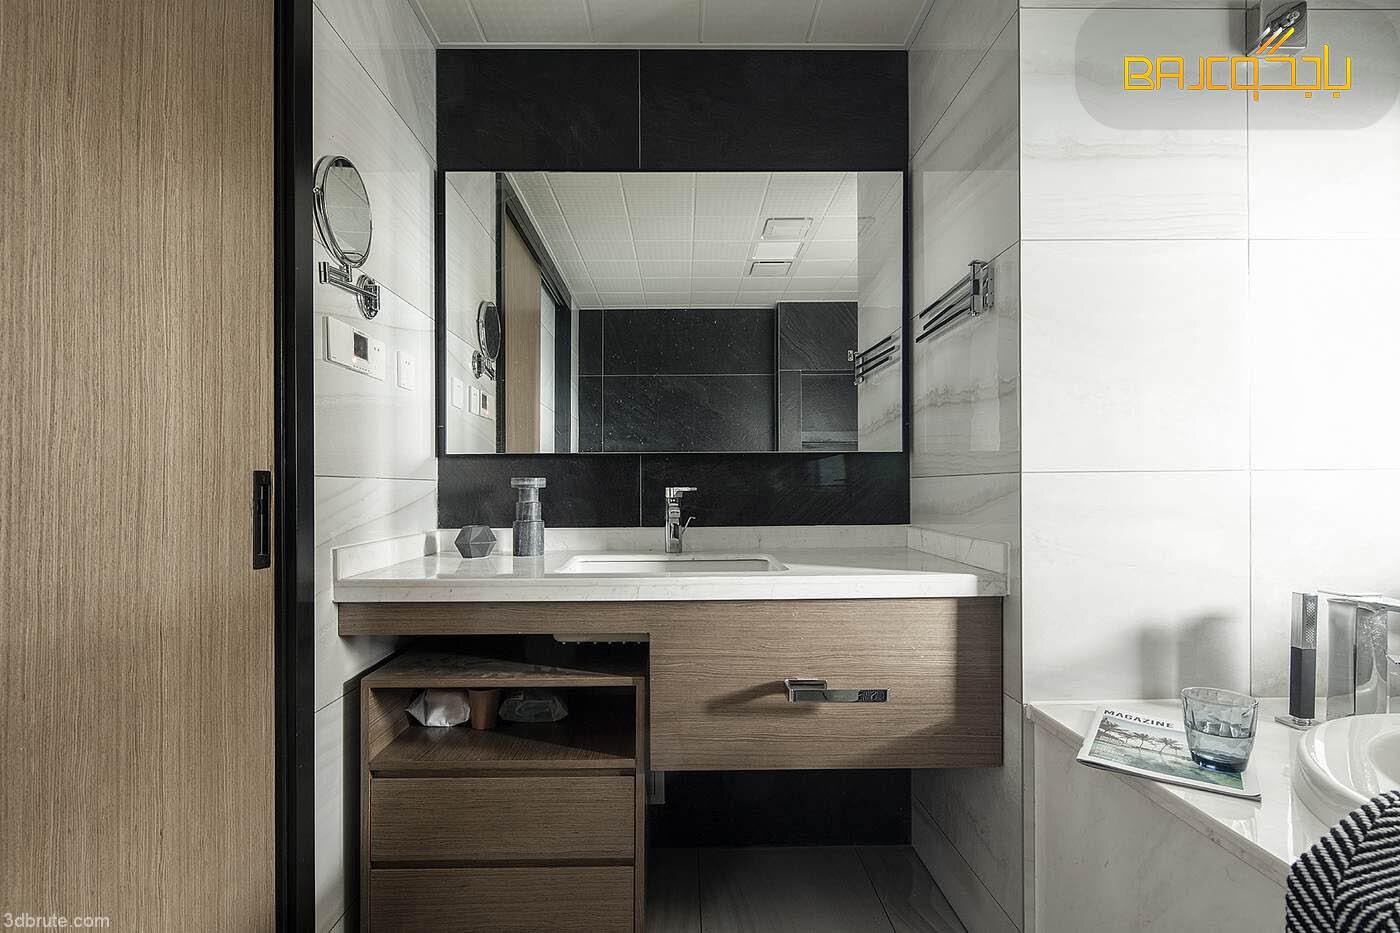 مغسلة داخل الحمام خشب ورخام